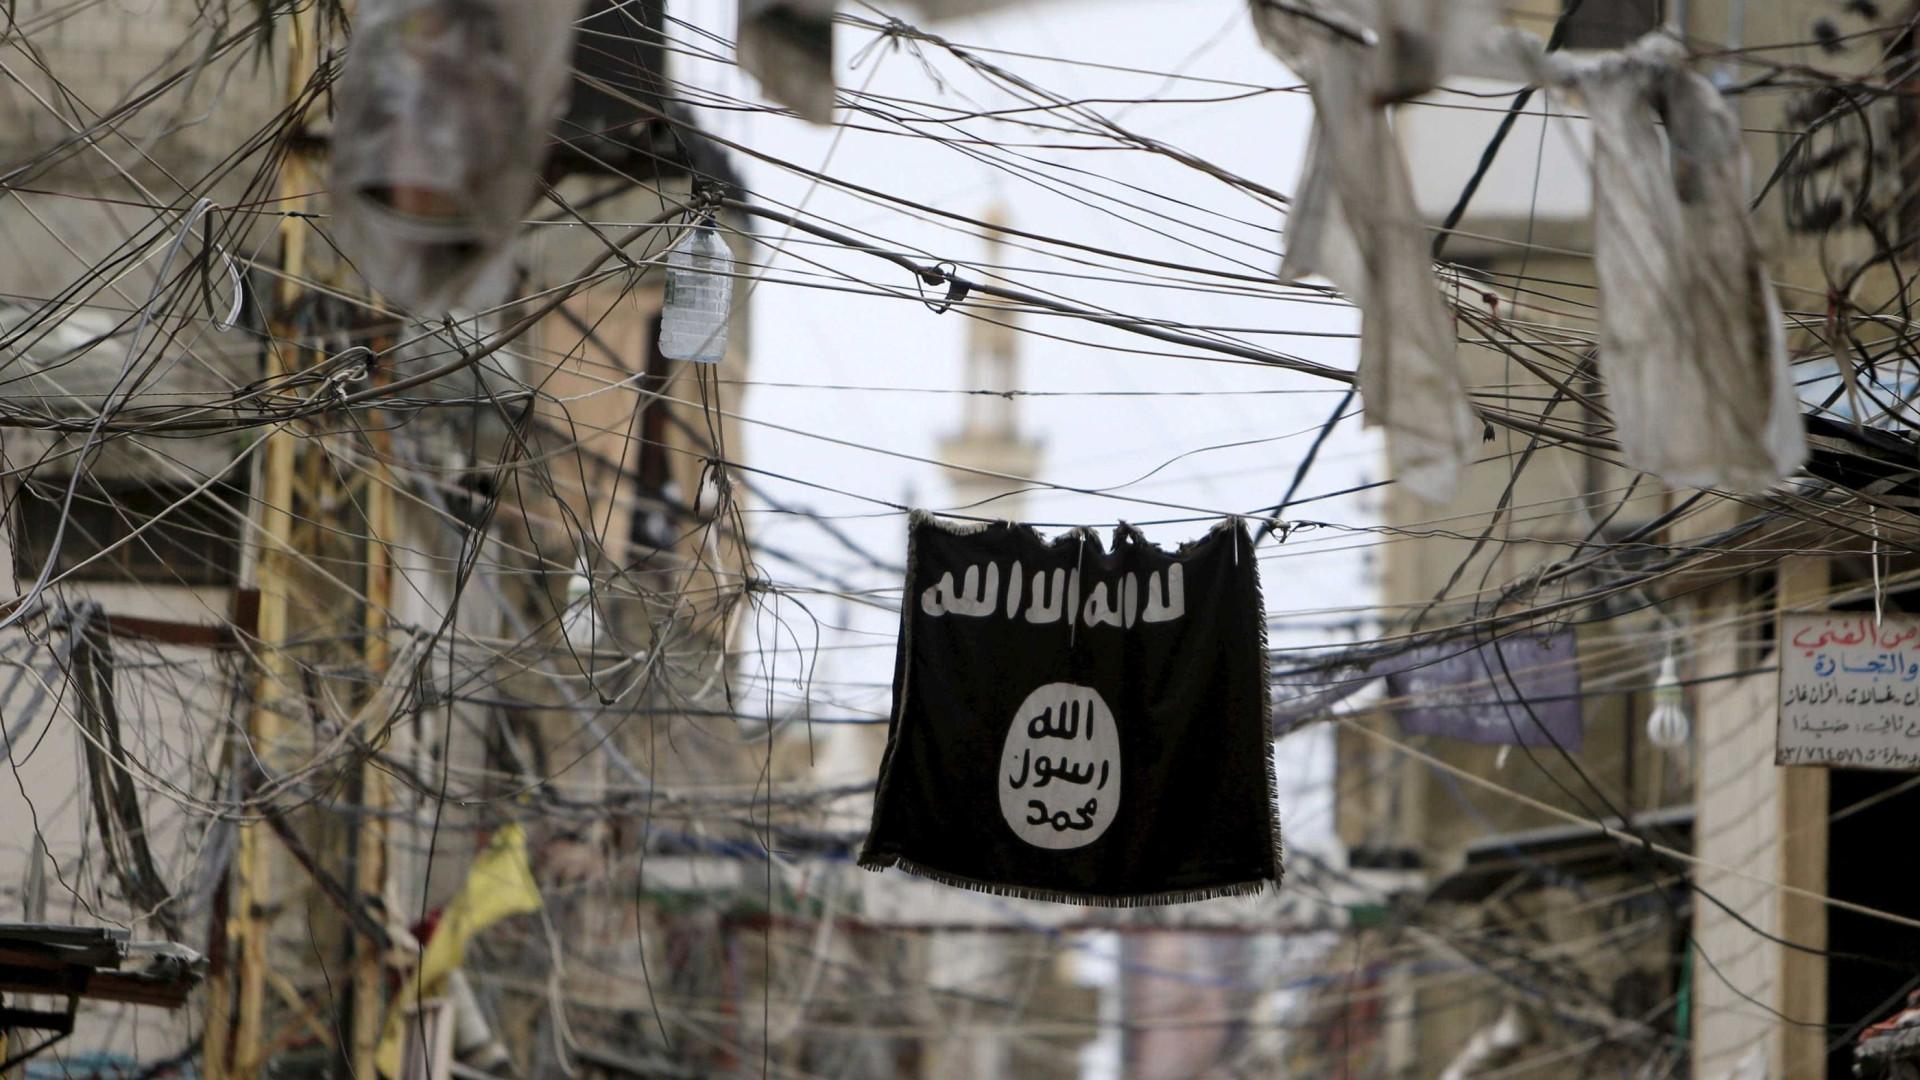 Estado Islâmico já terá um novo líder: Qardash, o 'Destruidor'